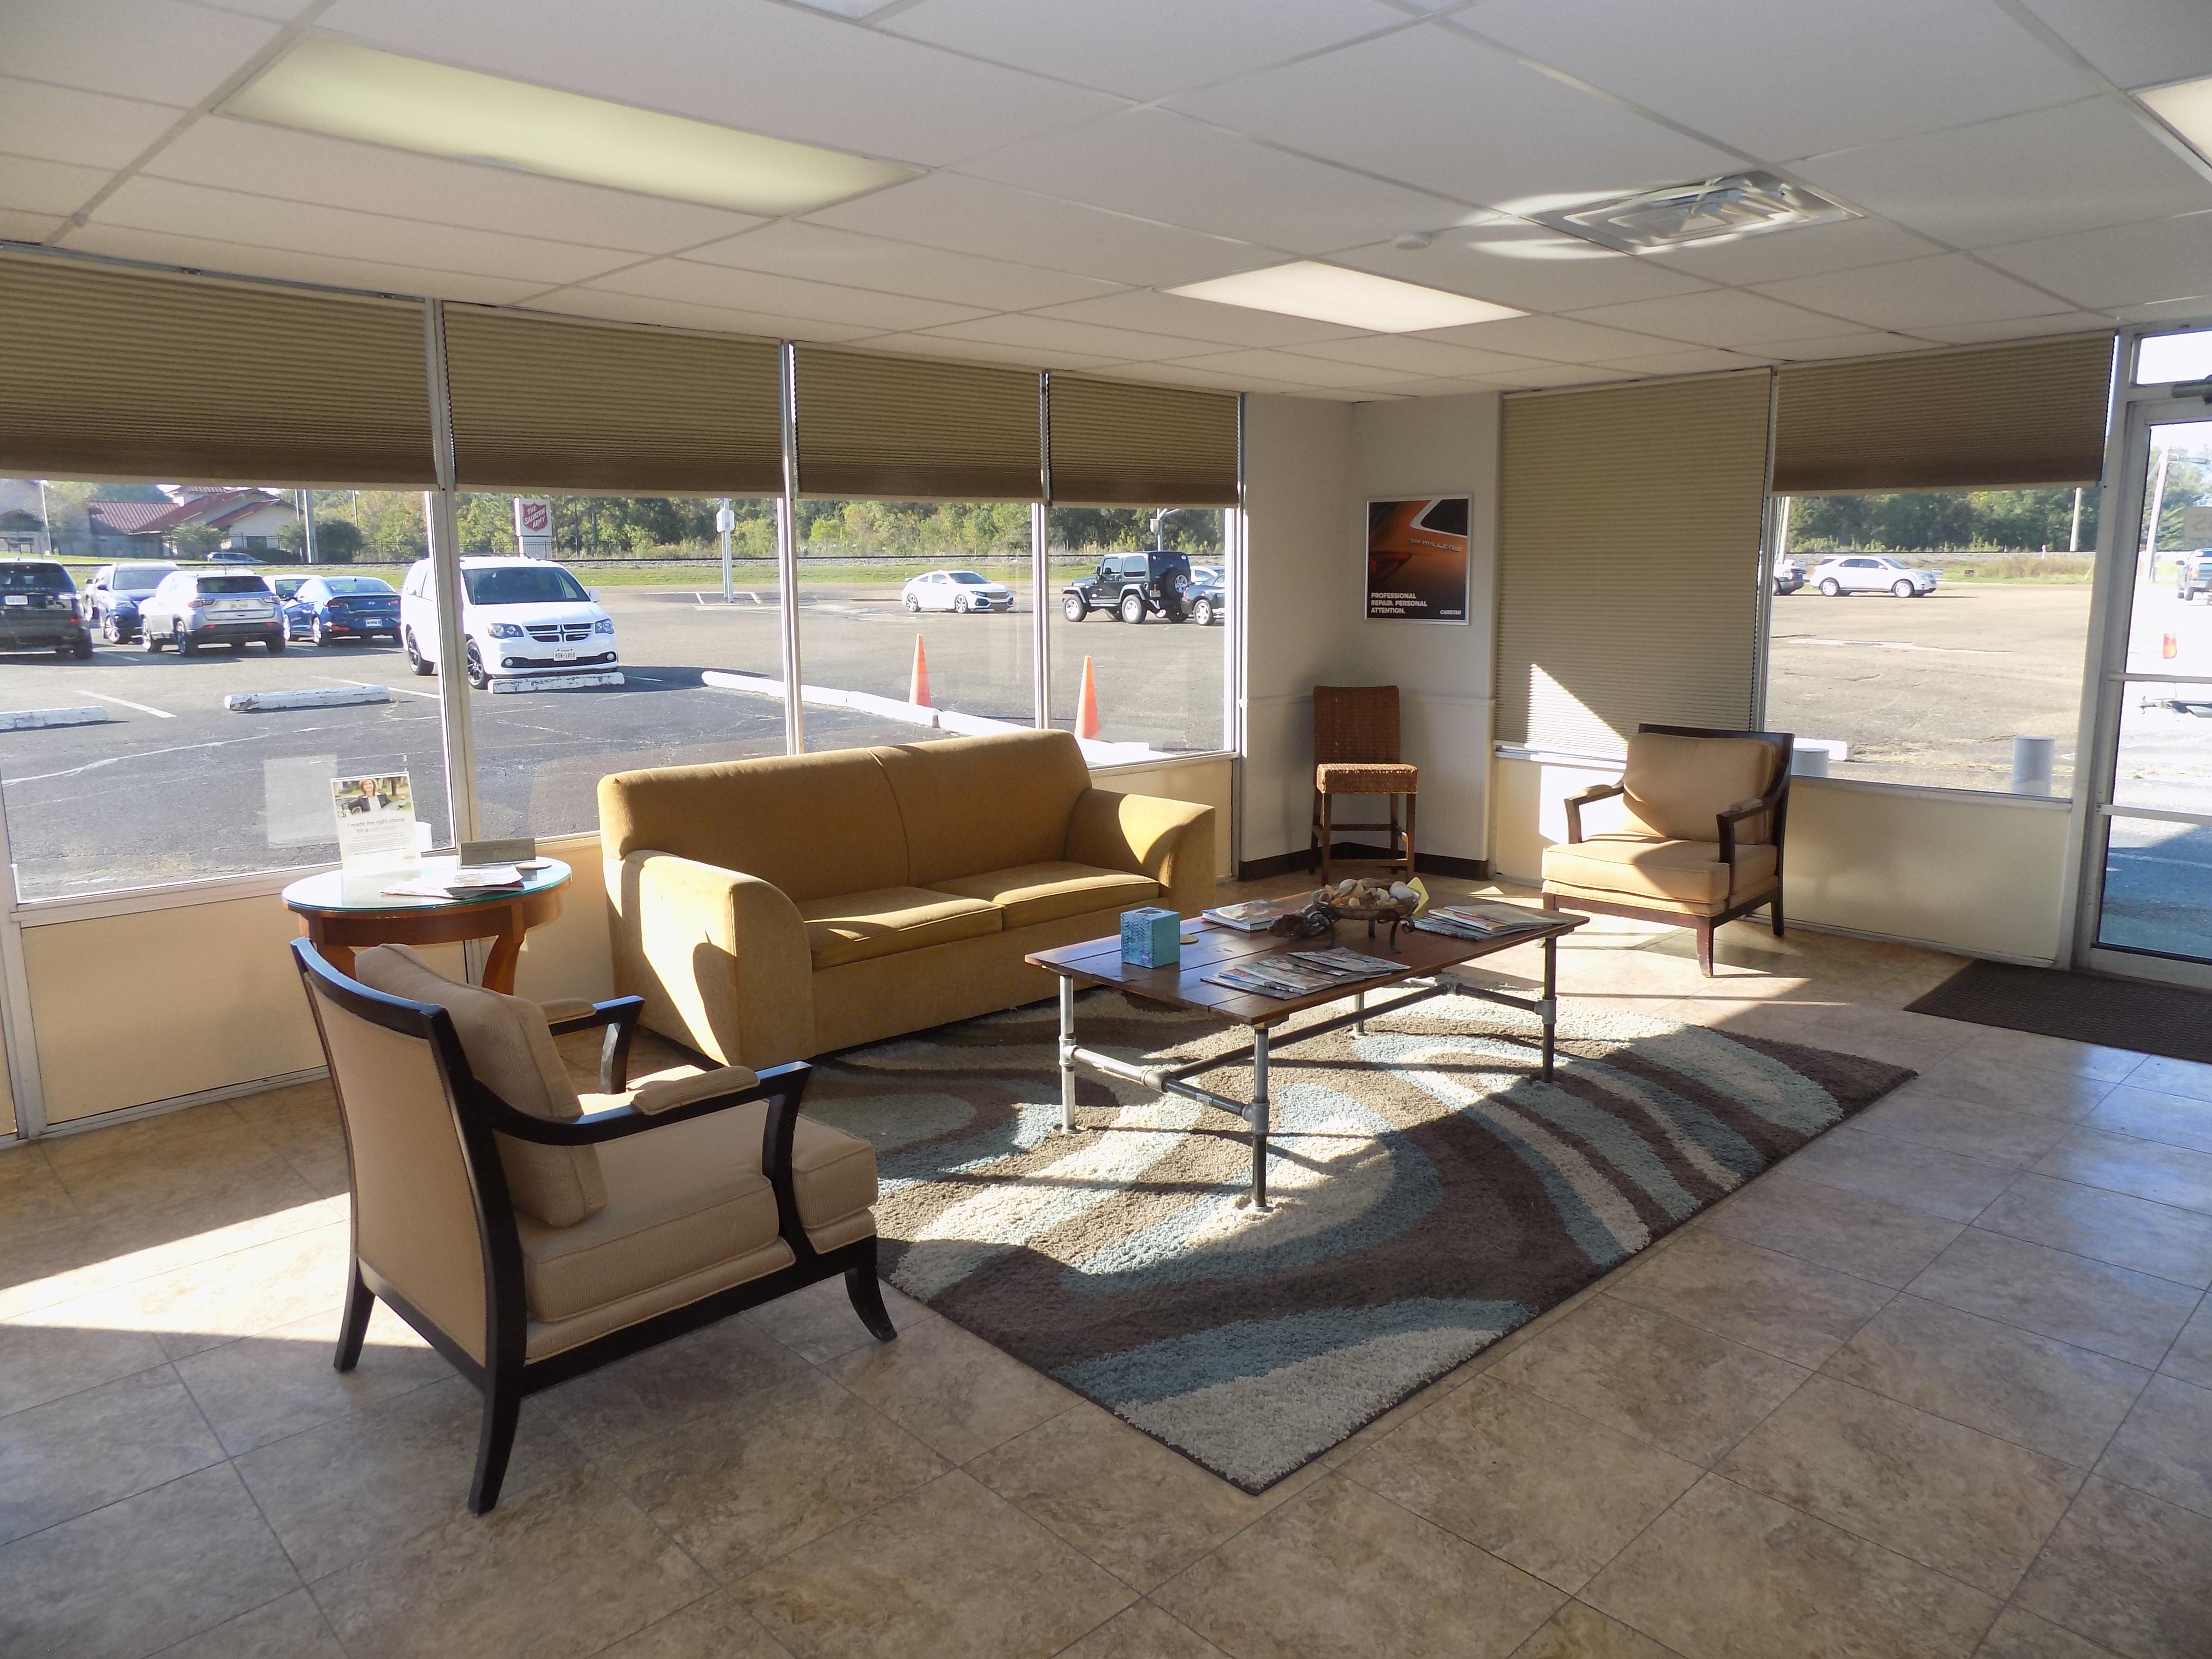 Carstar | Customer waiting area